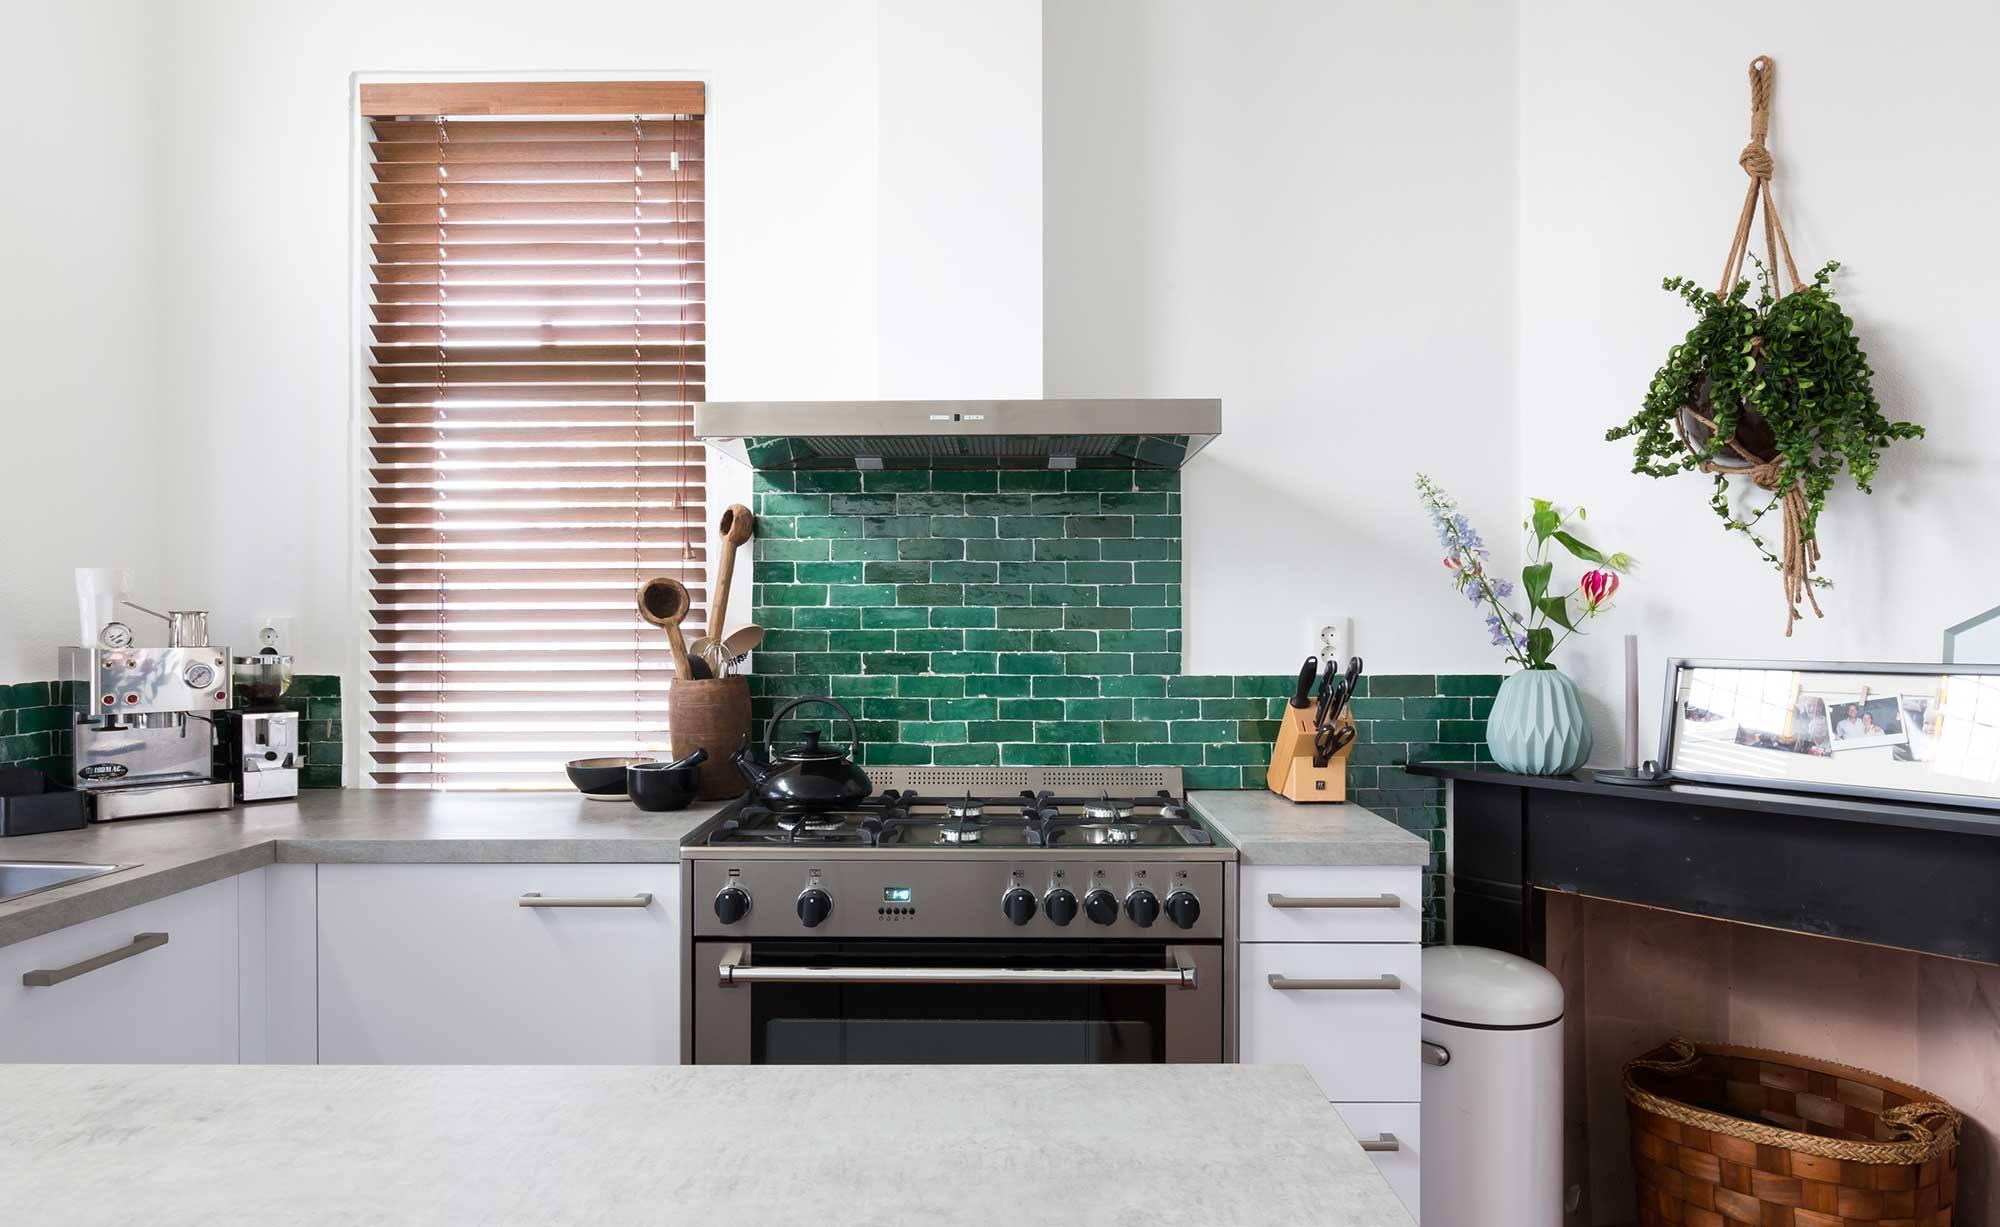 Groene Keuken Prachtig : 10 X Keukentrends voor 2017 Nieuws Startpagina voor